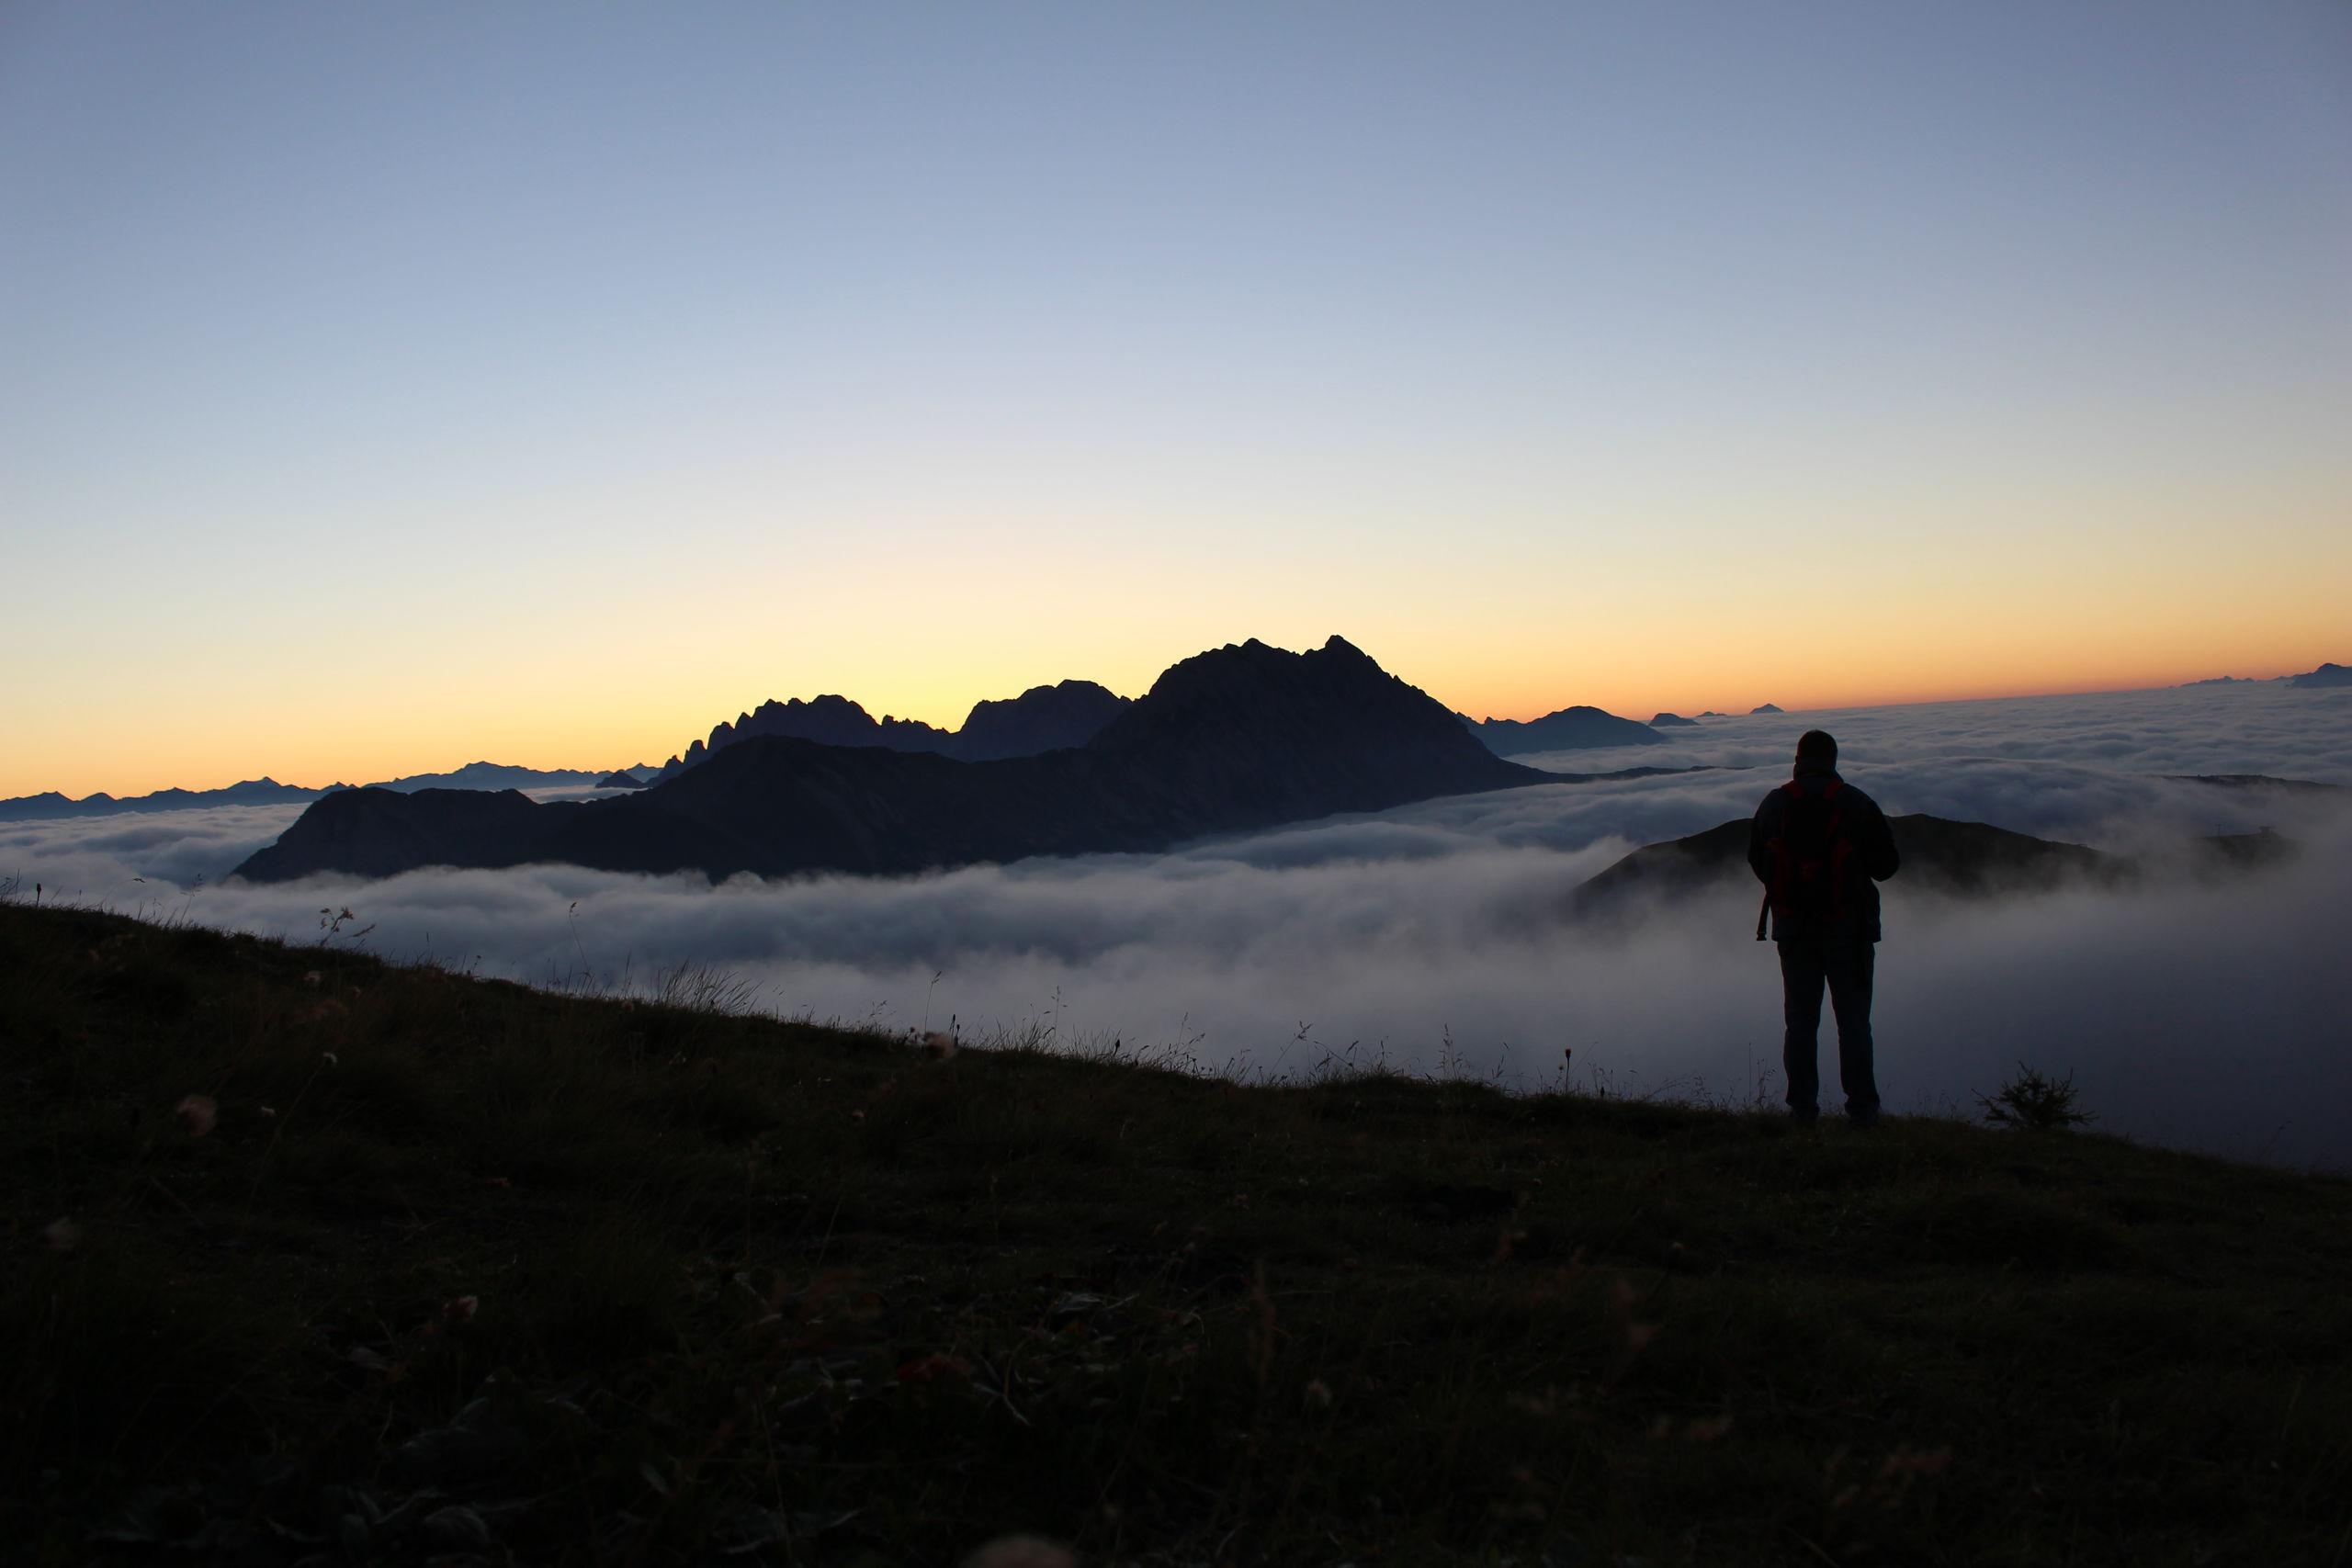 Sonnenaufgang Golzentipp, Obertilliach